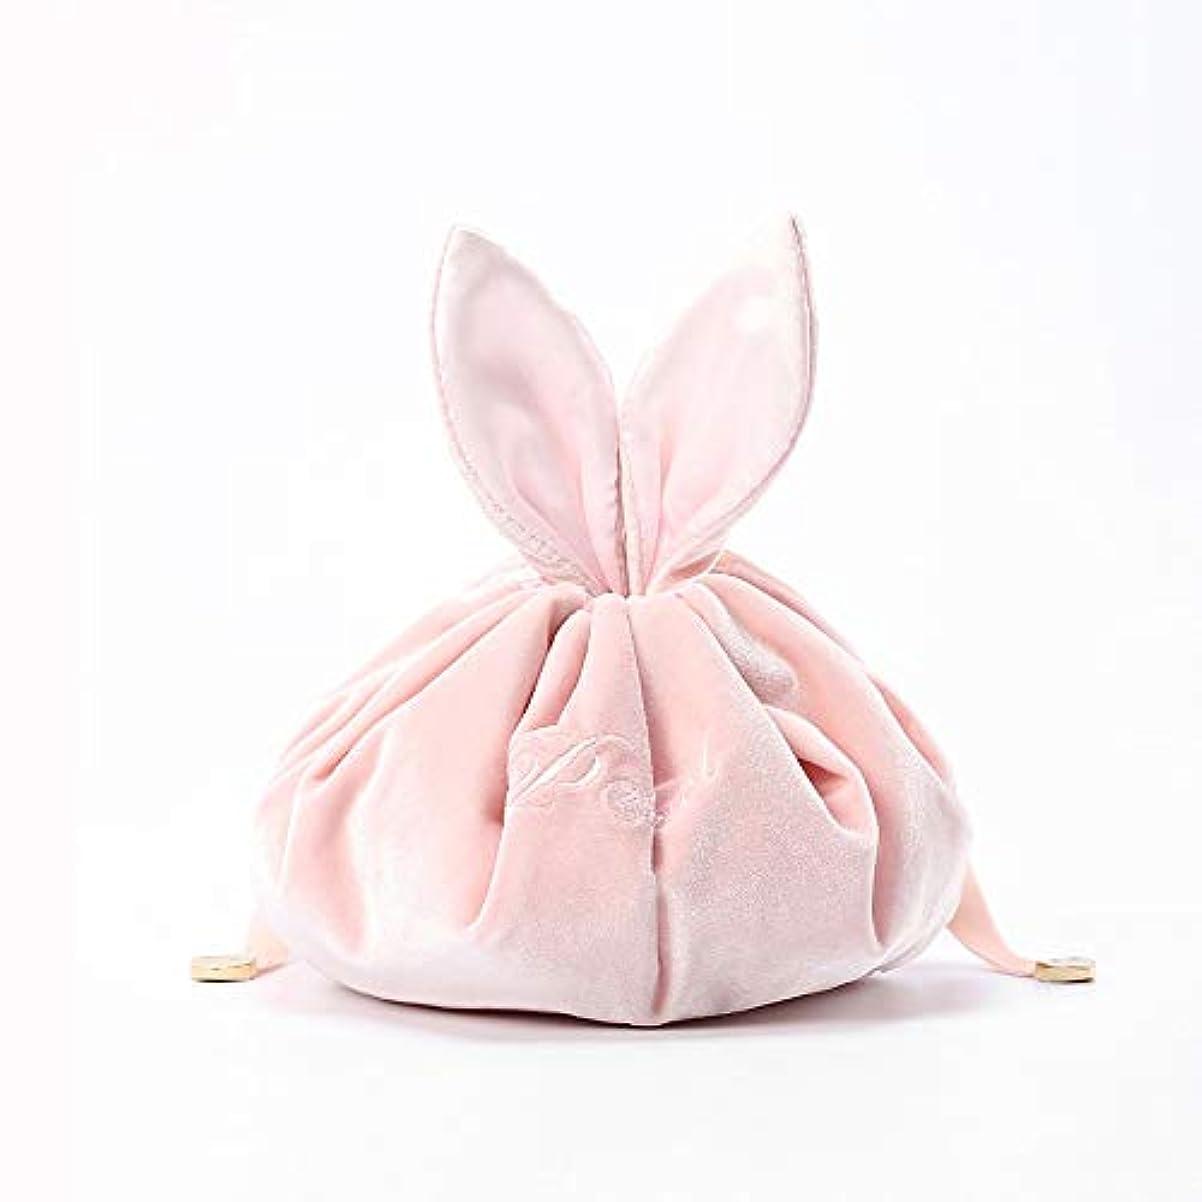 取るに足らない冷蔵庫ビーチコスメポーチ うさぎ ポーチ 巾着 袋 化粧品ポーチ ギフト巾着袋 化粧バッグ 大容量 軽量 旅行便利 出張用 (ピンク)